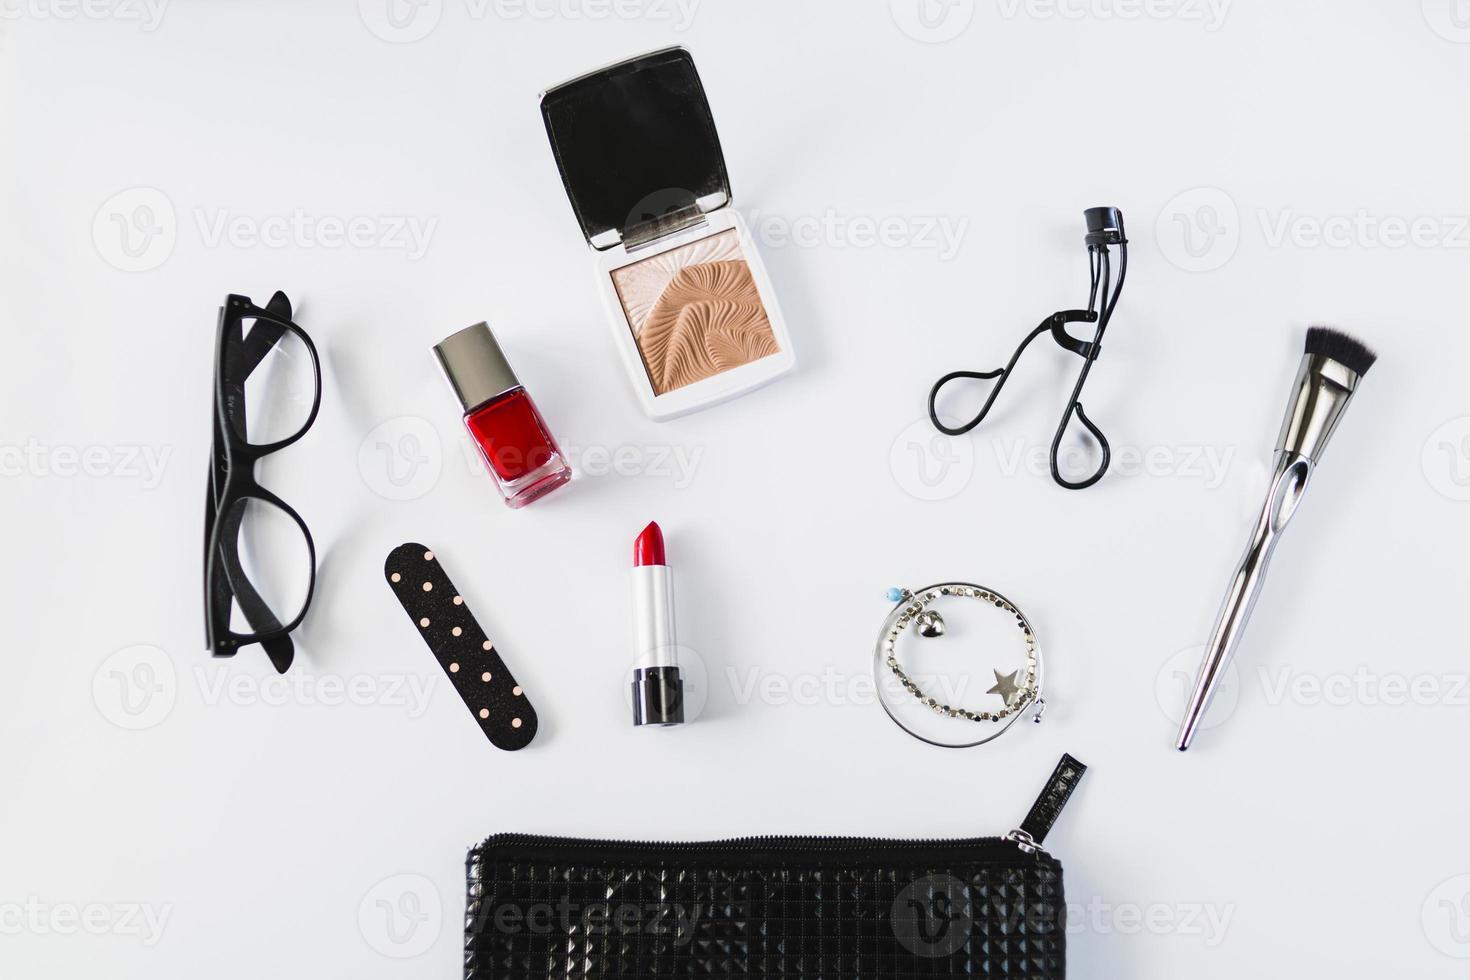 occhiali da vista e cosmetici vicino alla borsa trucco alla moda su priorità bassa bianca foto